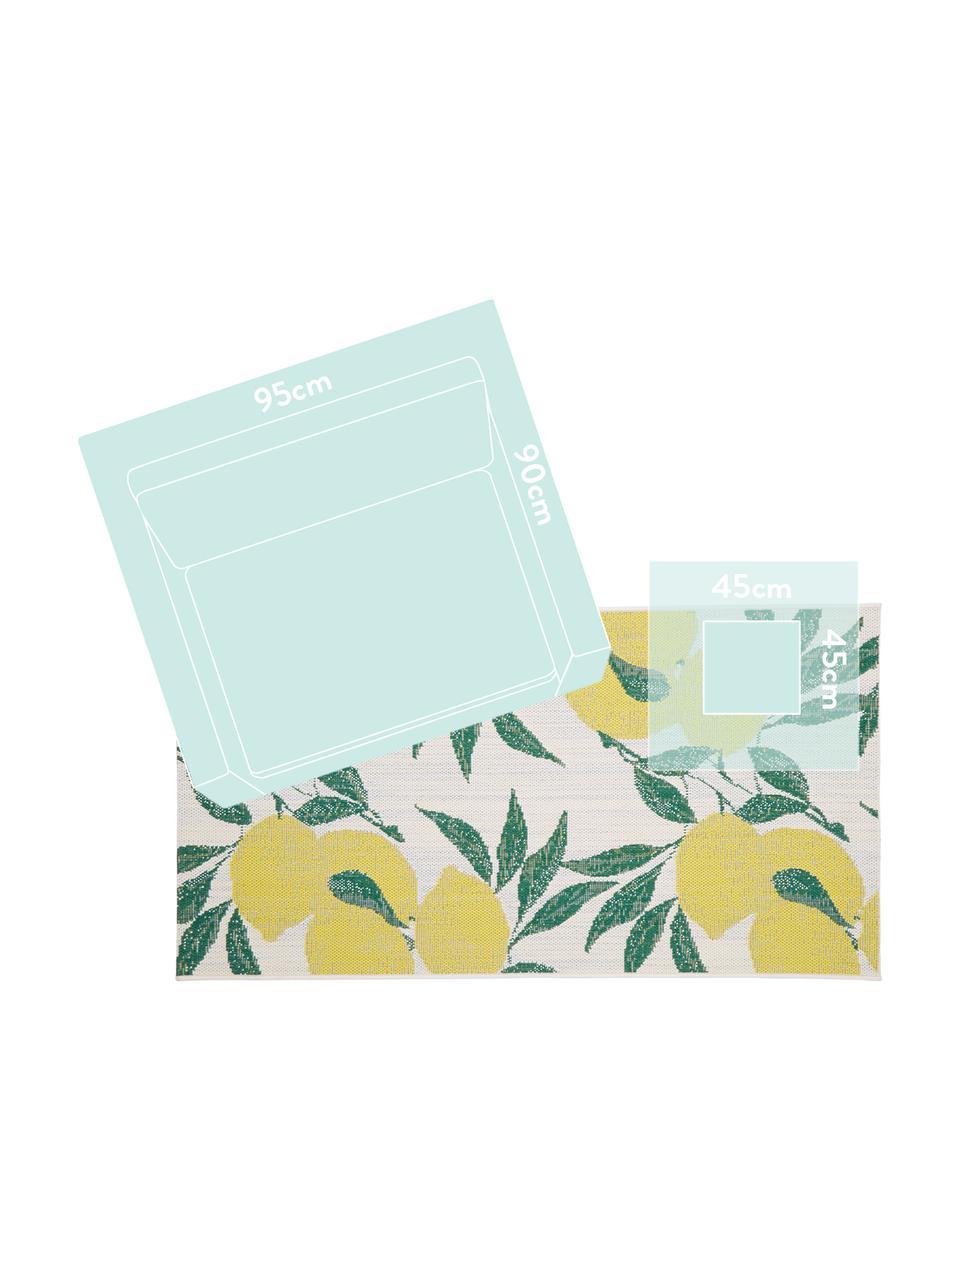 In- & Outdoor-Teppich Limonia mit Zitronen Print, 86% Polypropylen, 14% Polyester, Cremeweiß, Gelb, Grün, B 200 x L 290 cm (Größe L)